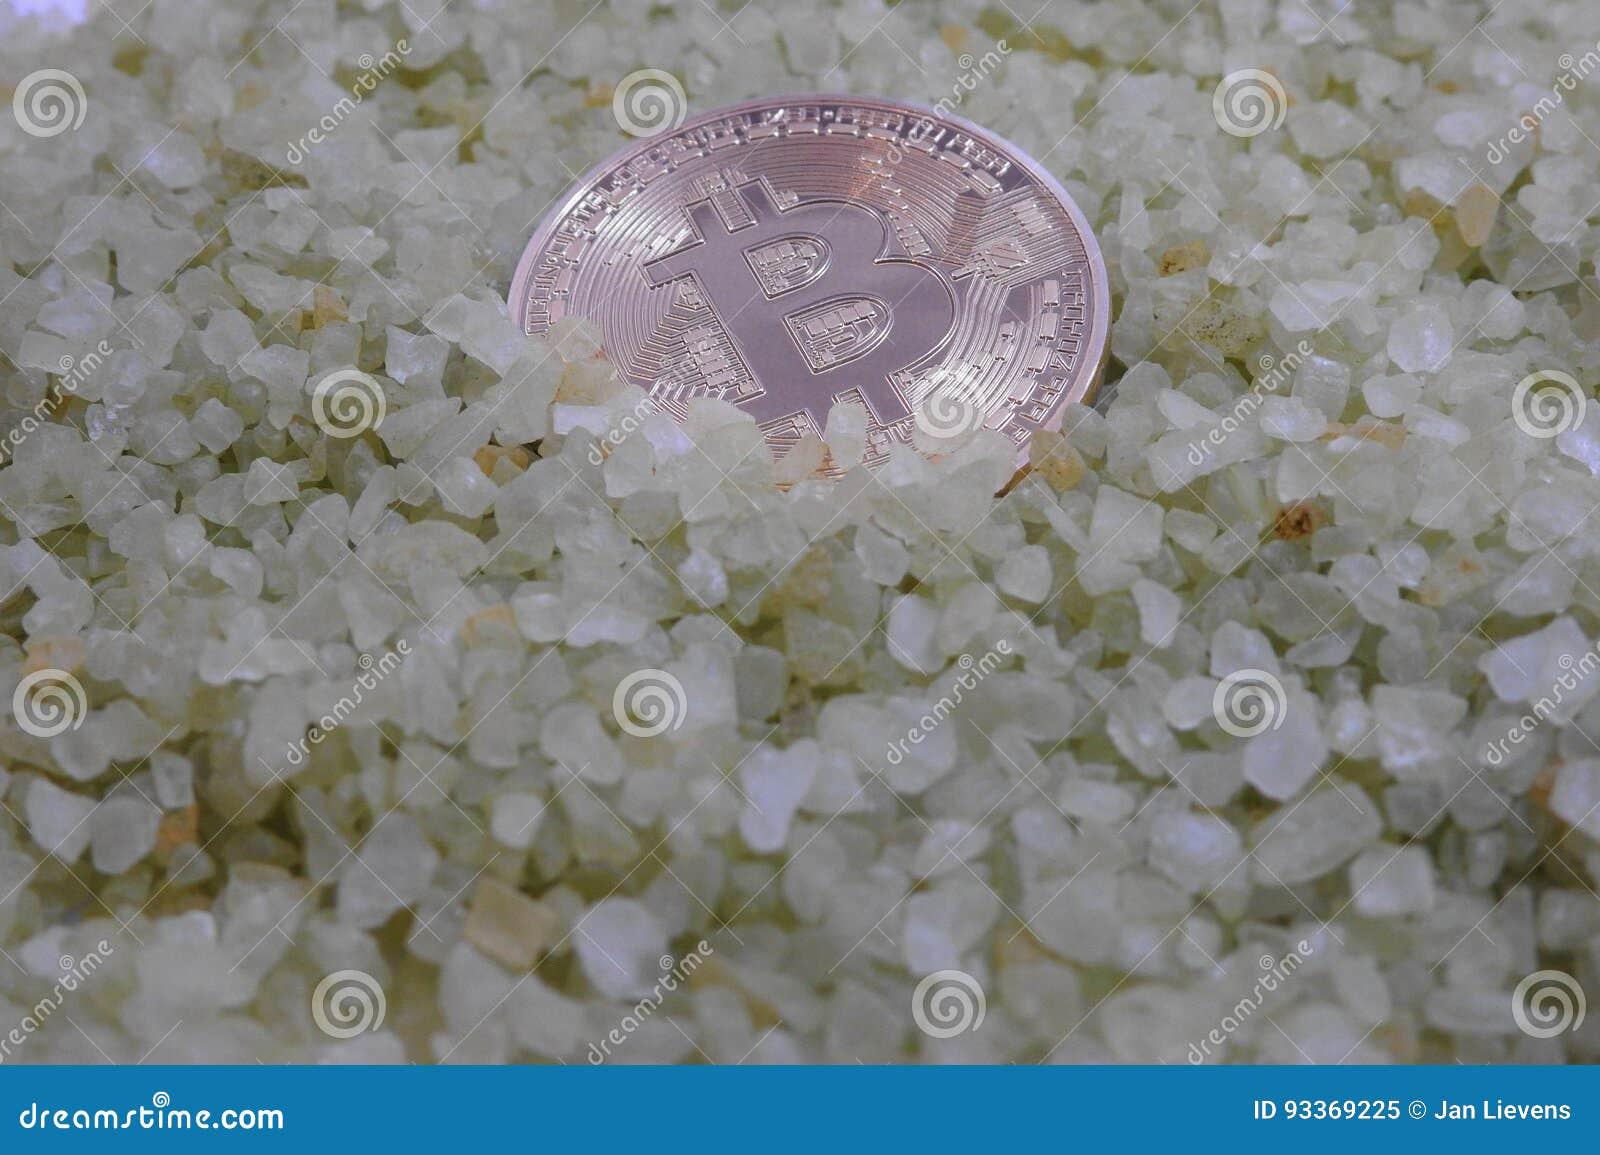 Bitcoin de oro en pequeñas rocas